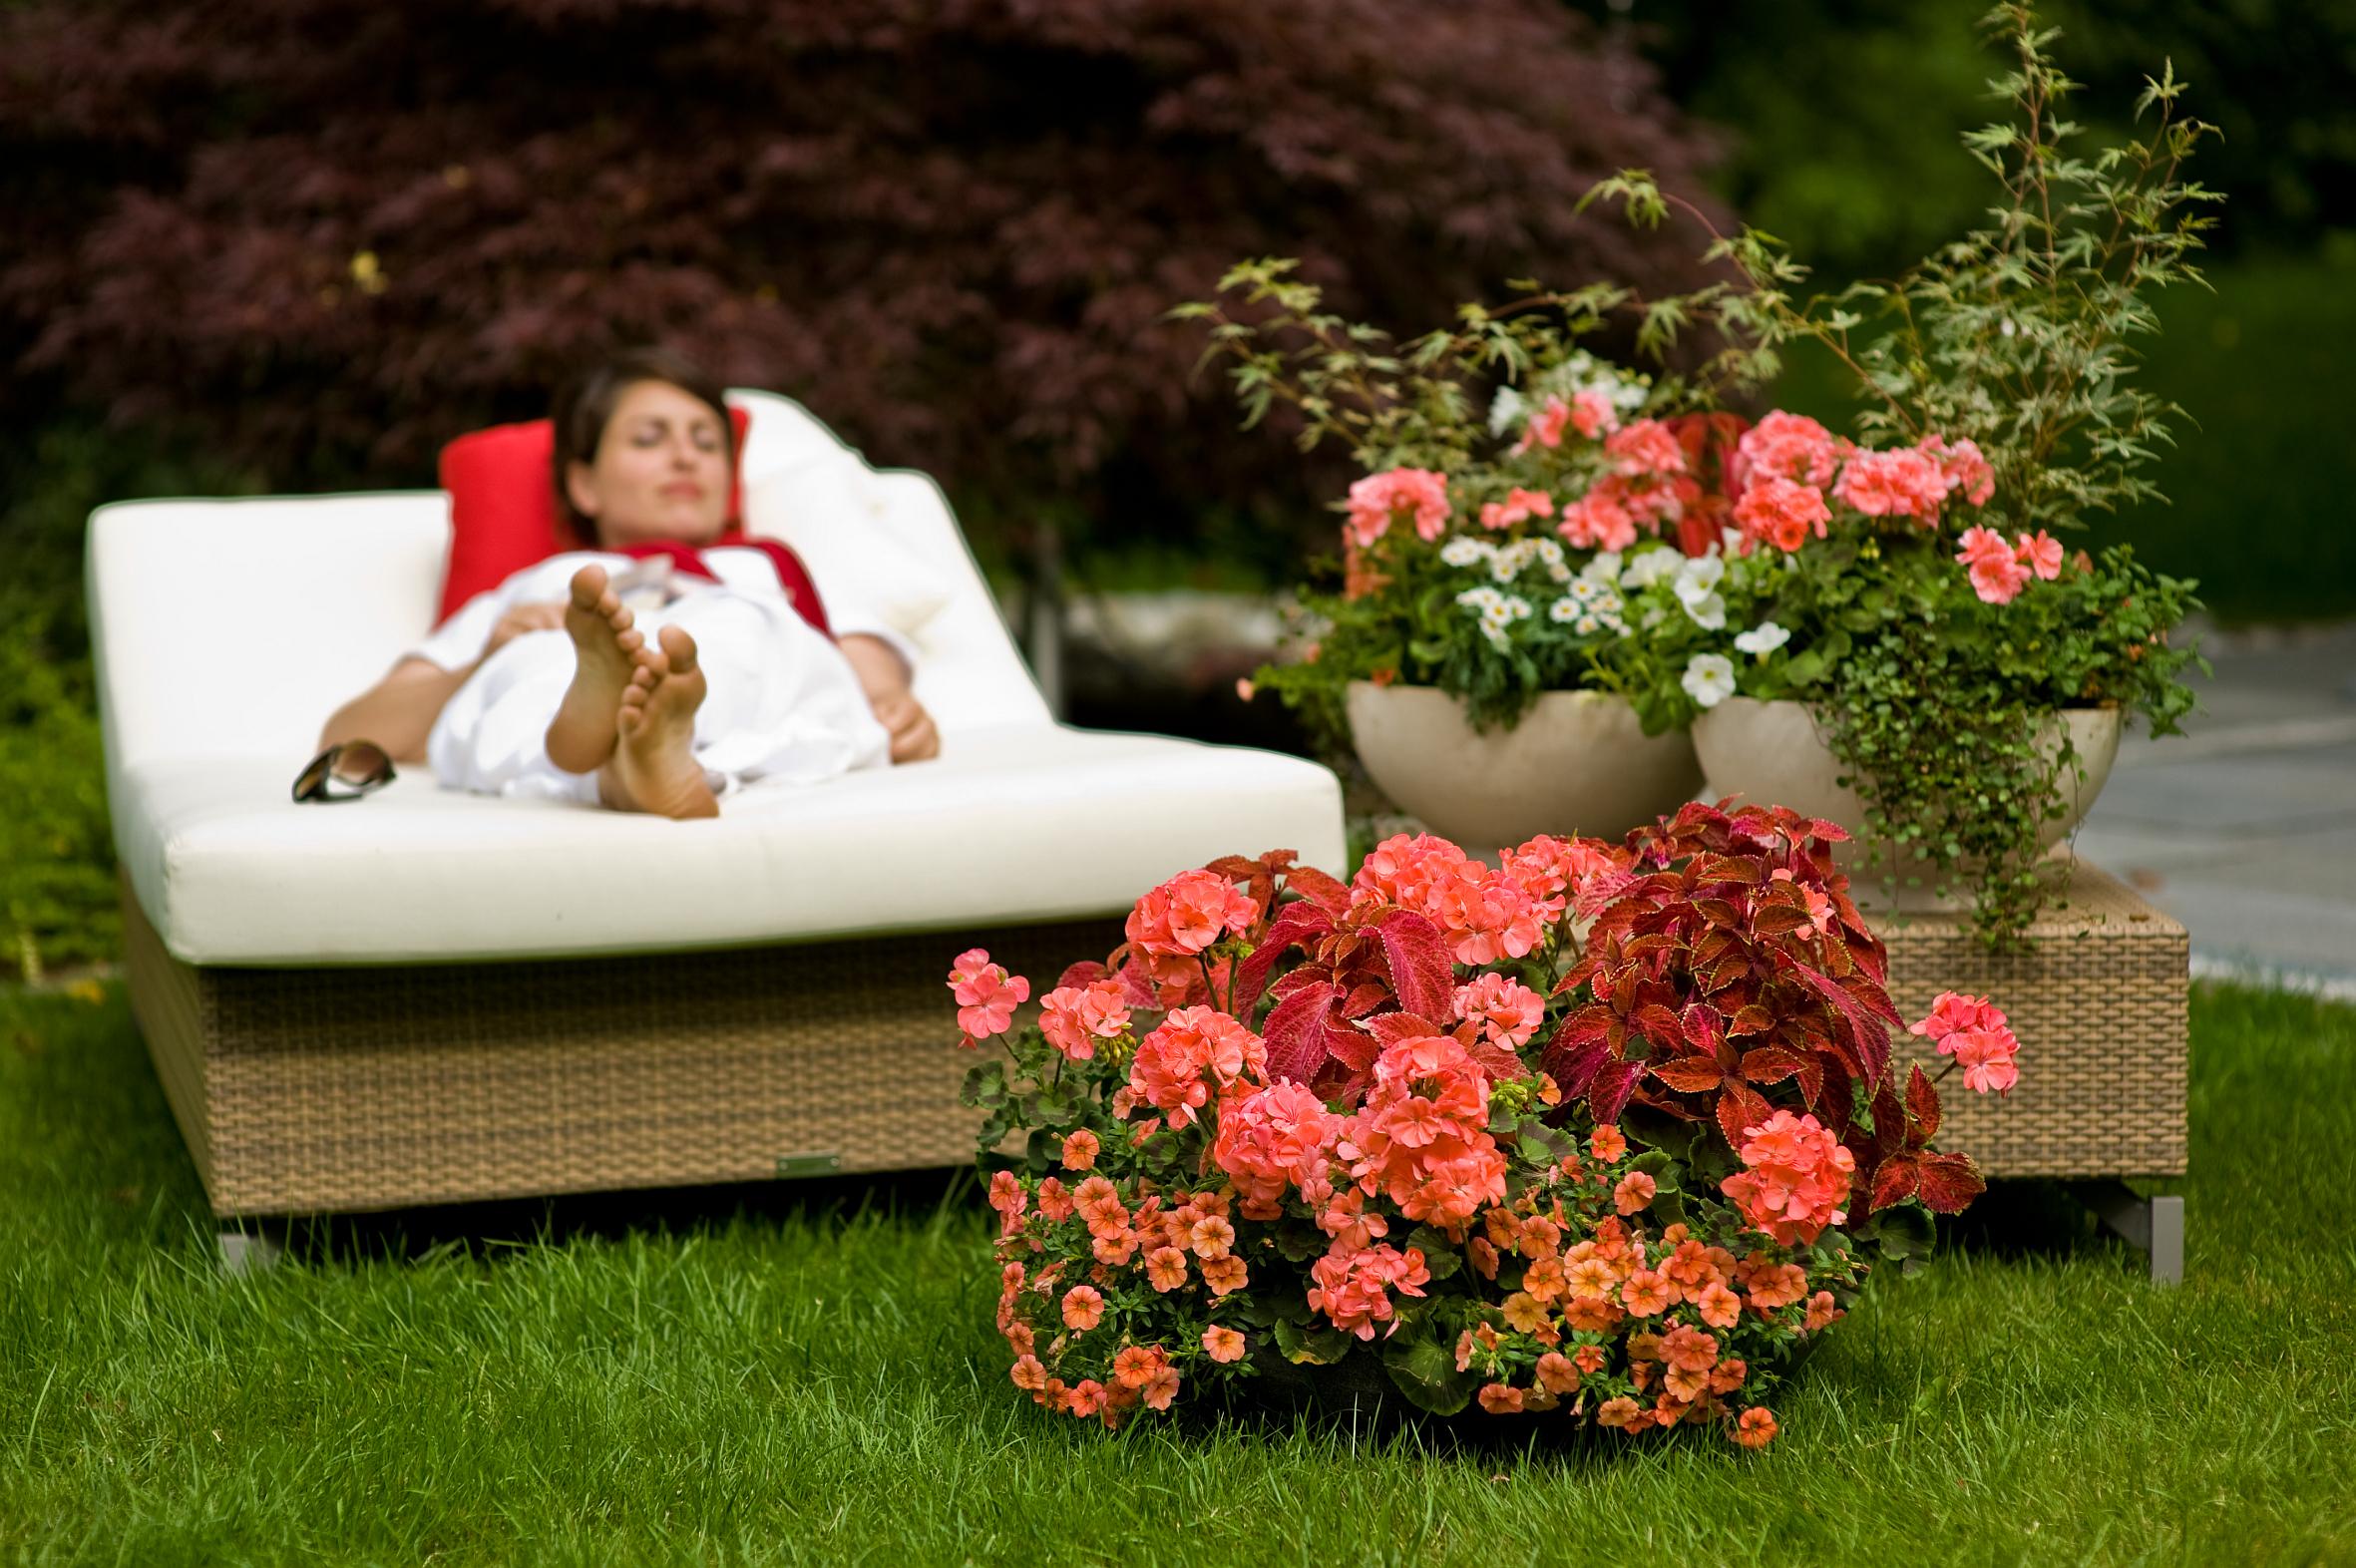 beet balkon neues f r kasten und k bel das gr ne medienhaus. Black Bedroom Furniture Sets. Home Design Ideas